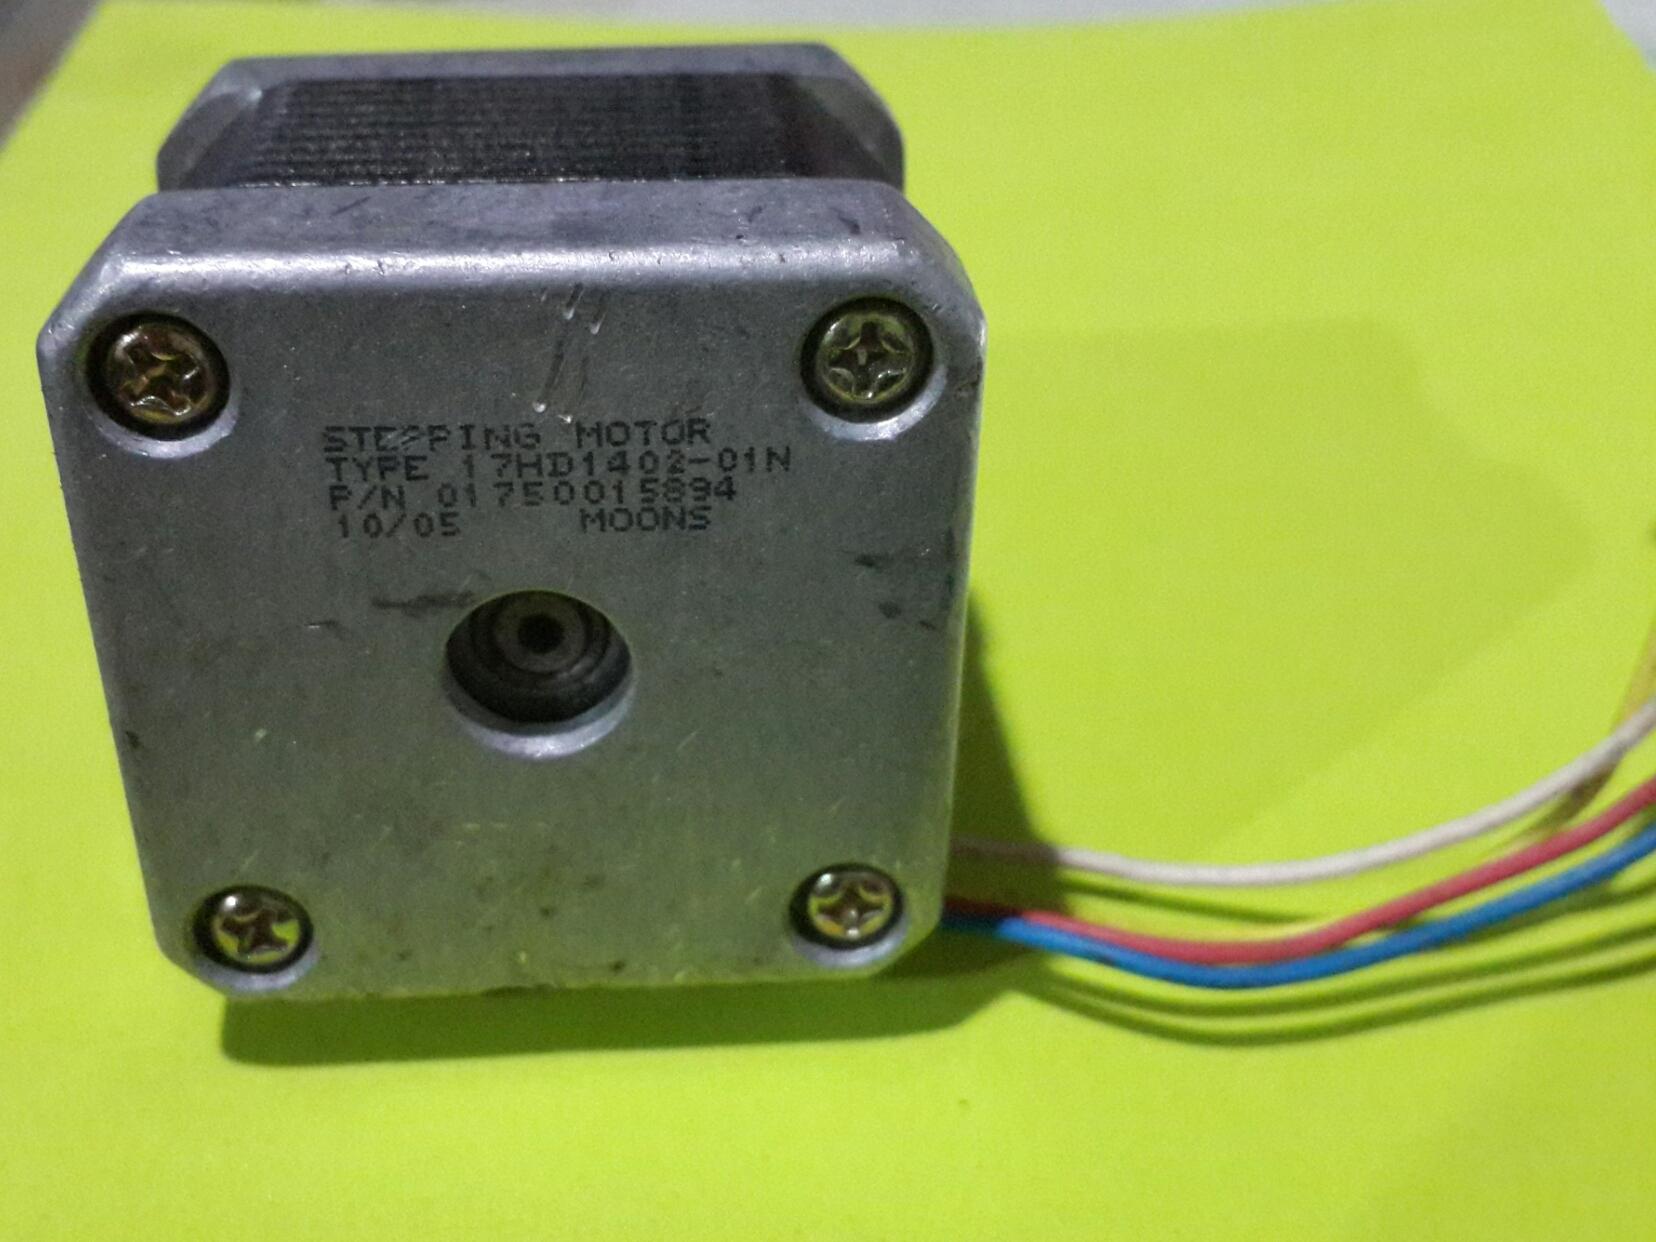 Nema 17 Stepping Motor Model 17hd1402 01n Moons Rubber Dampers For 3dprinter Goldgear